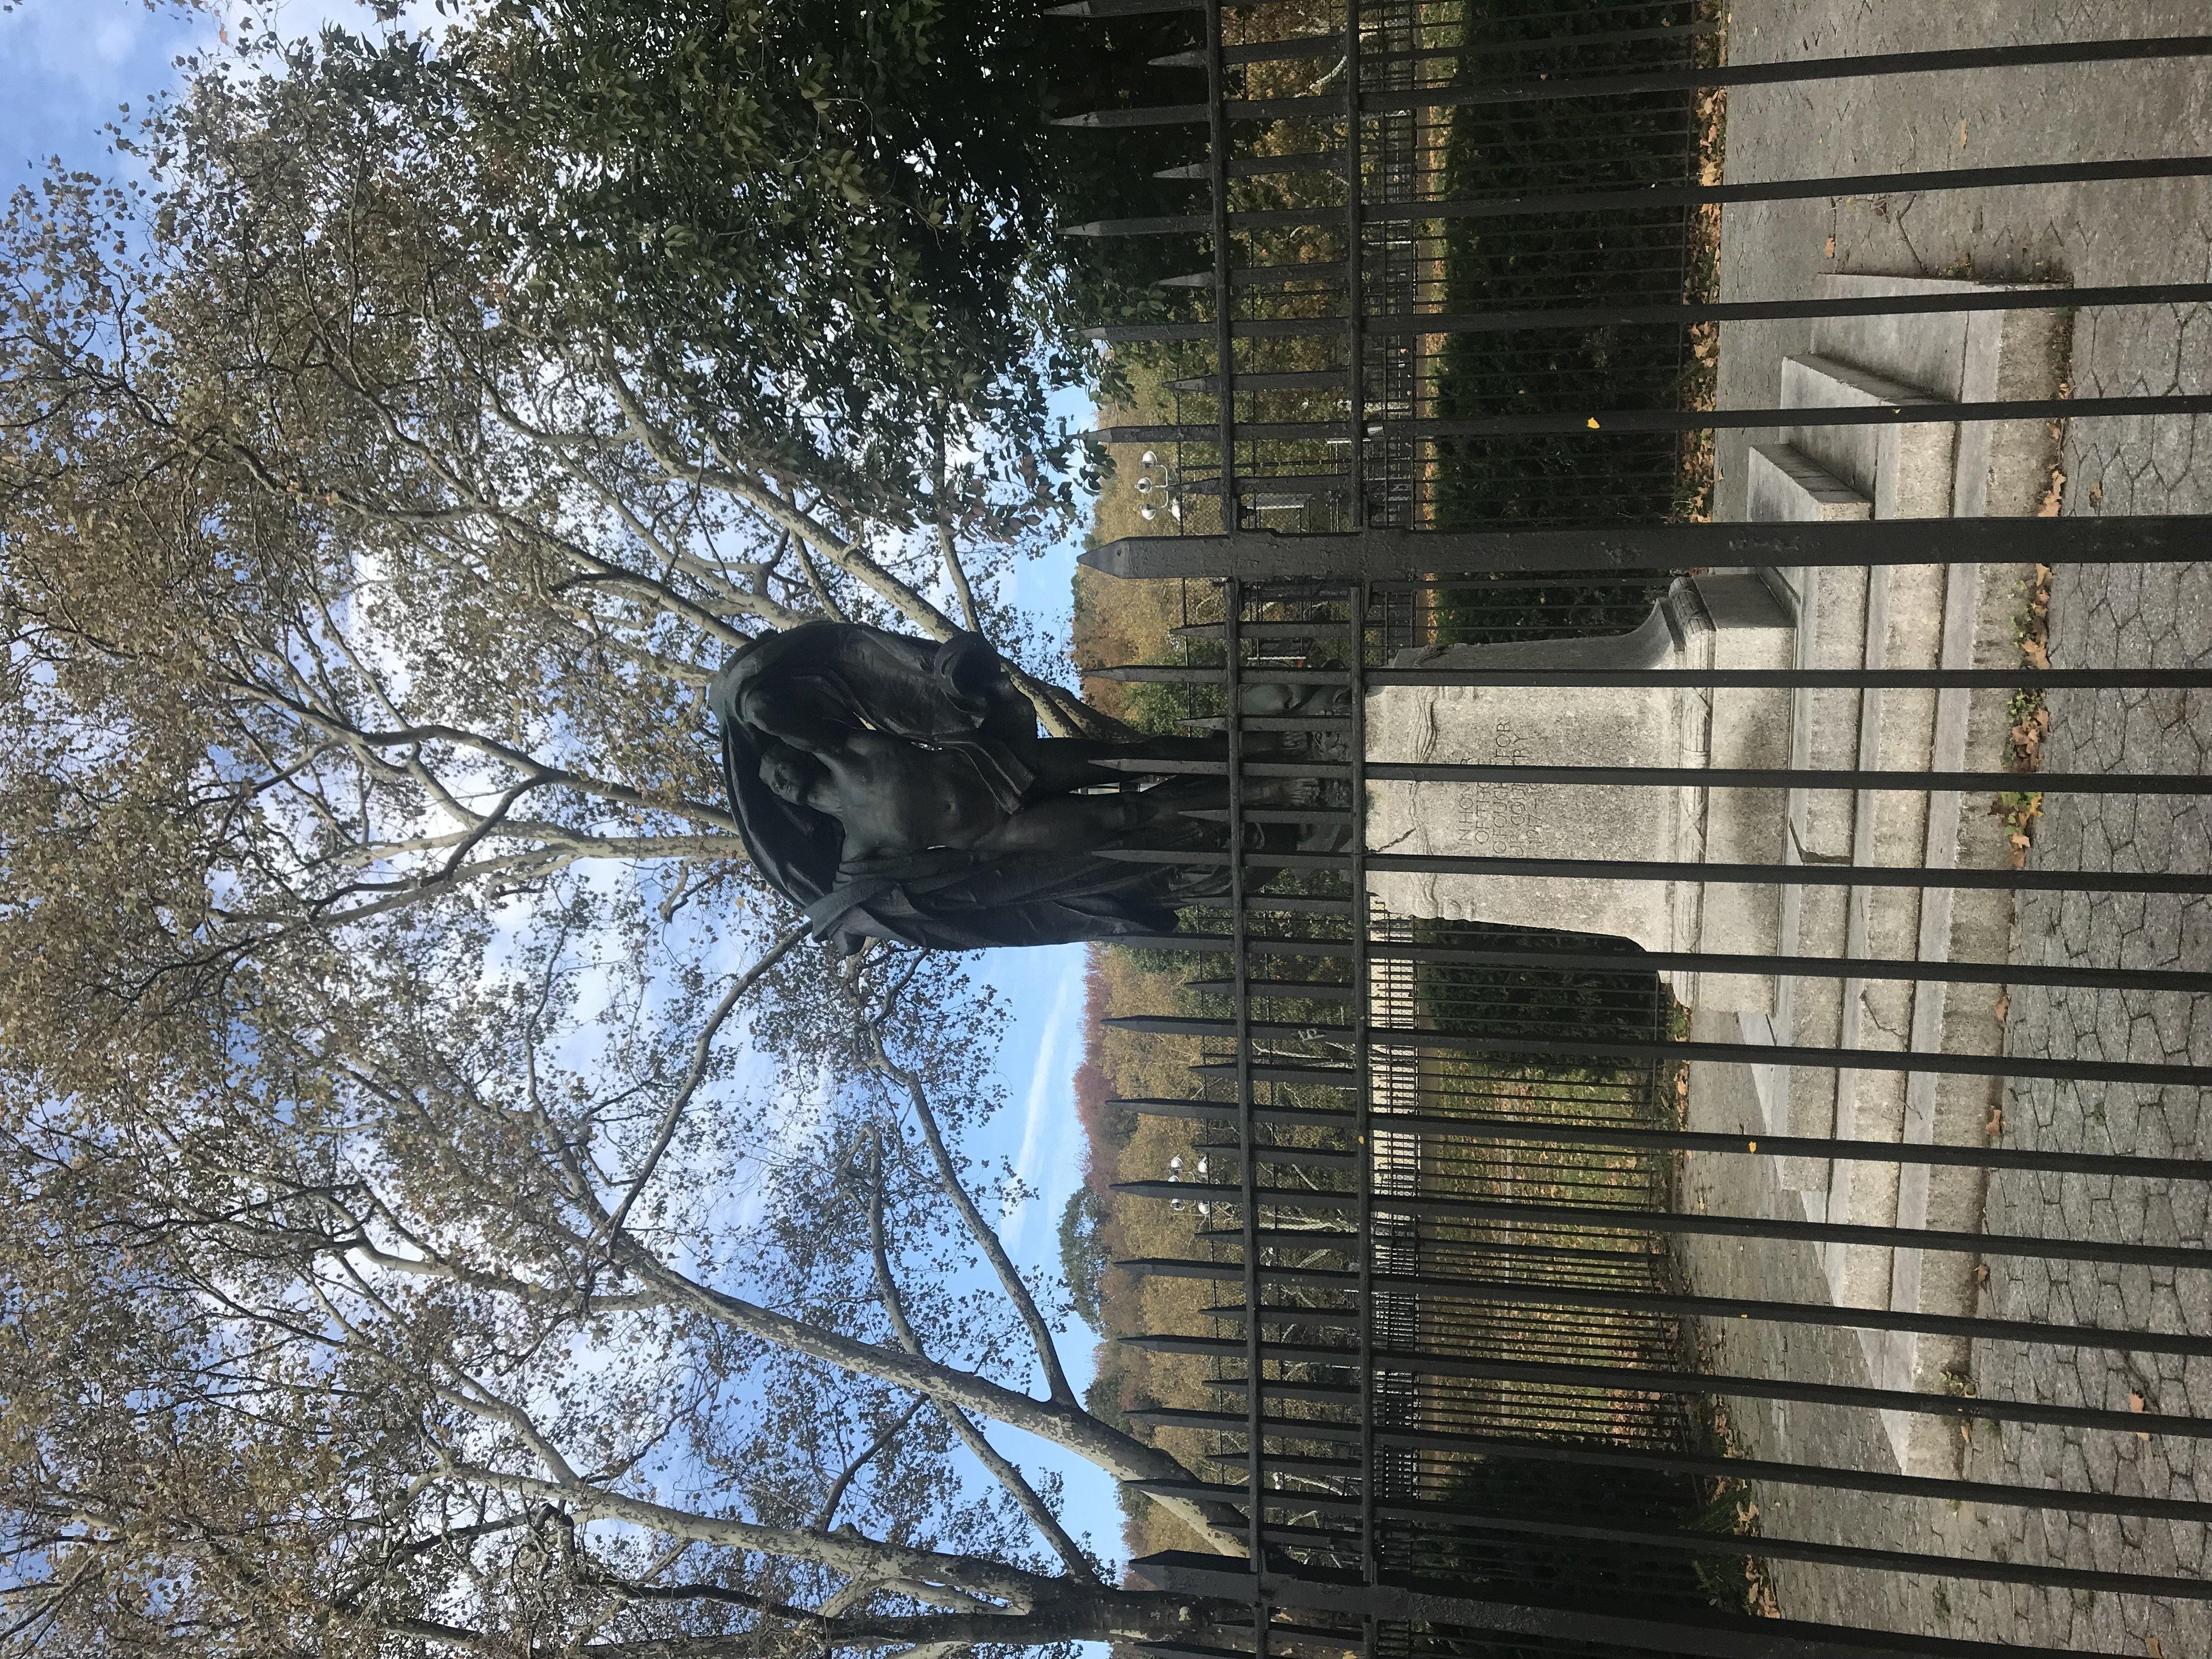 Full Scope of Statue